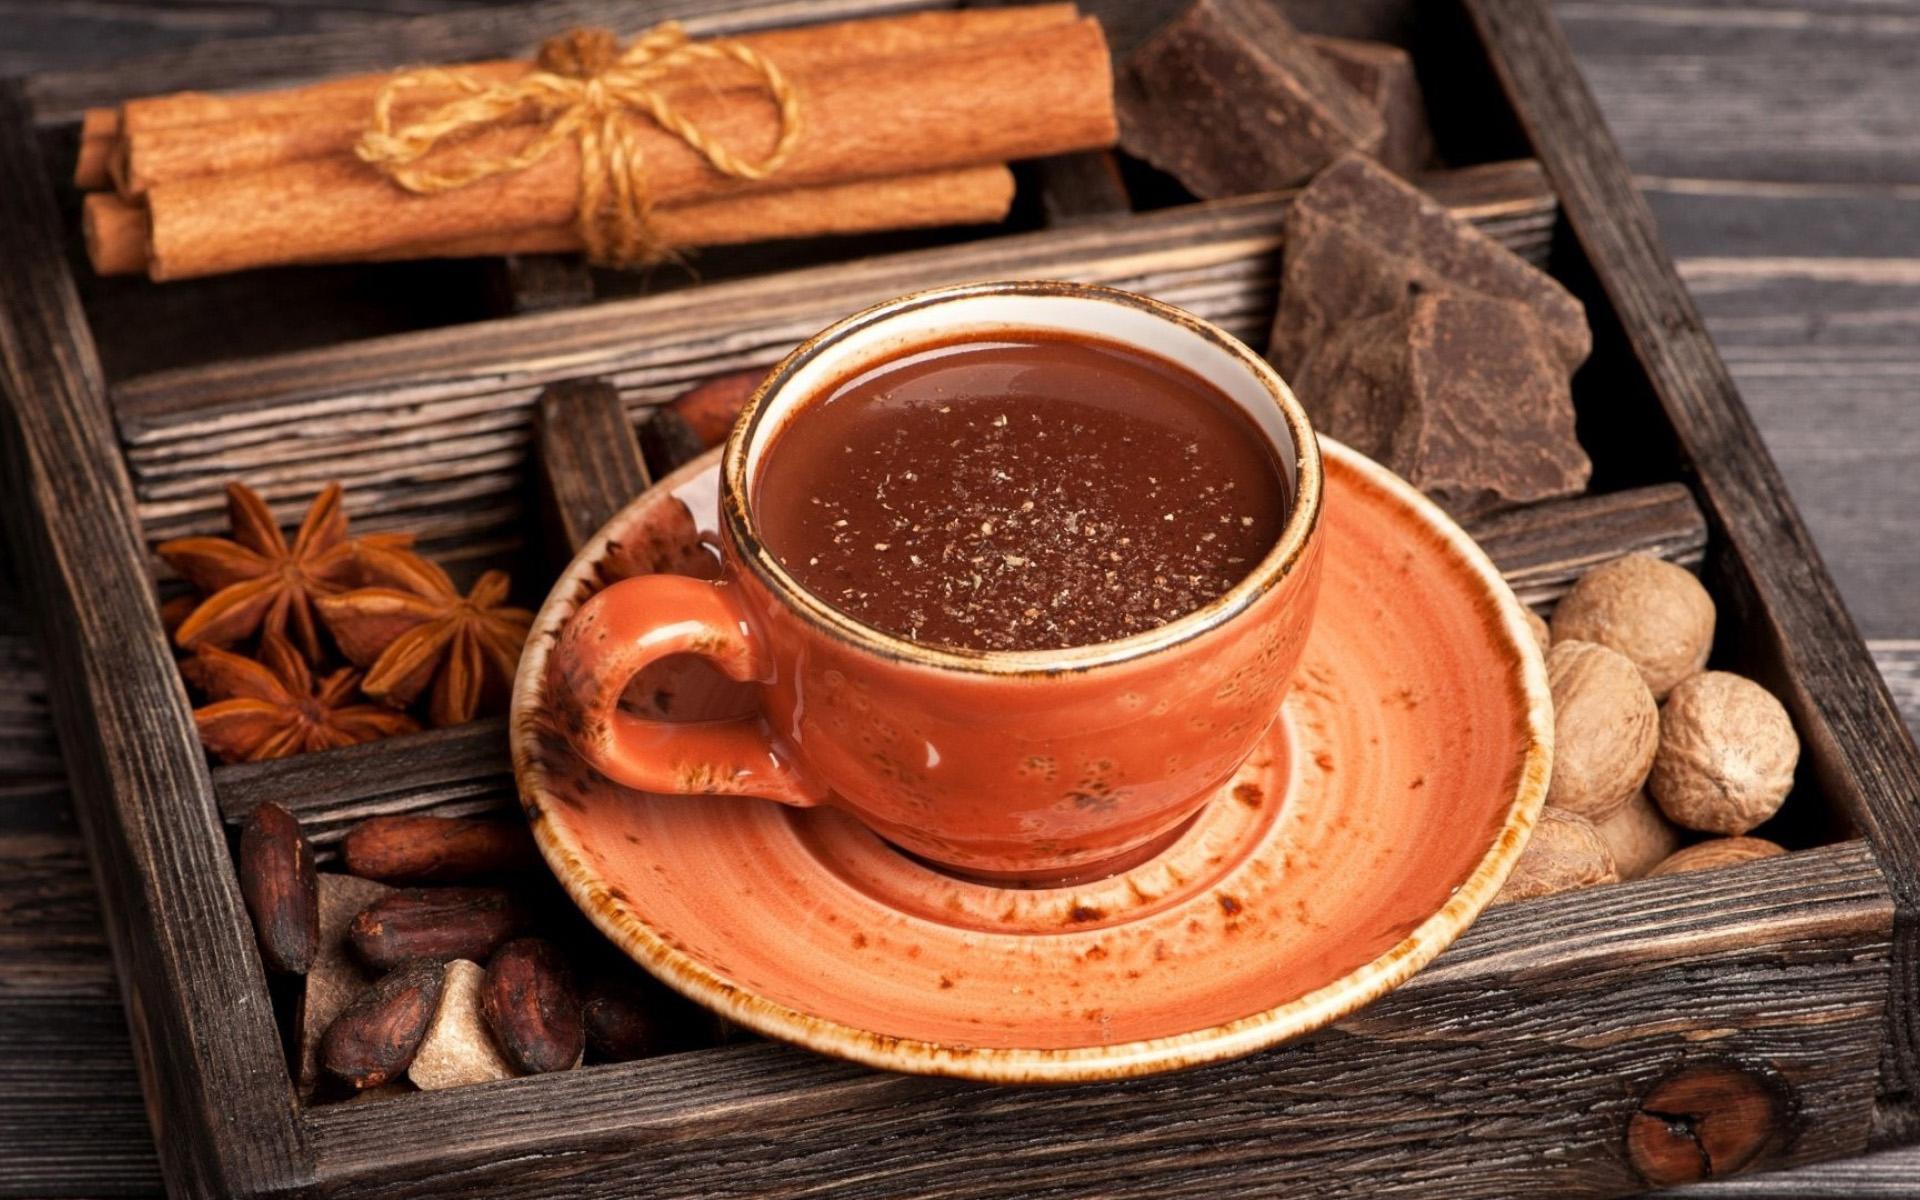 горячий шоколад, чашка, еда, напитки, пряности